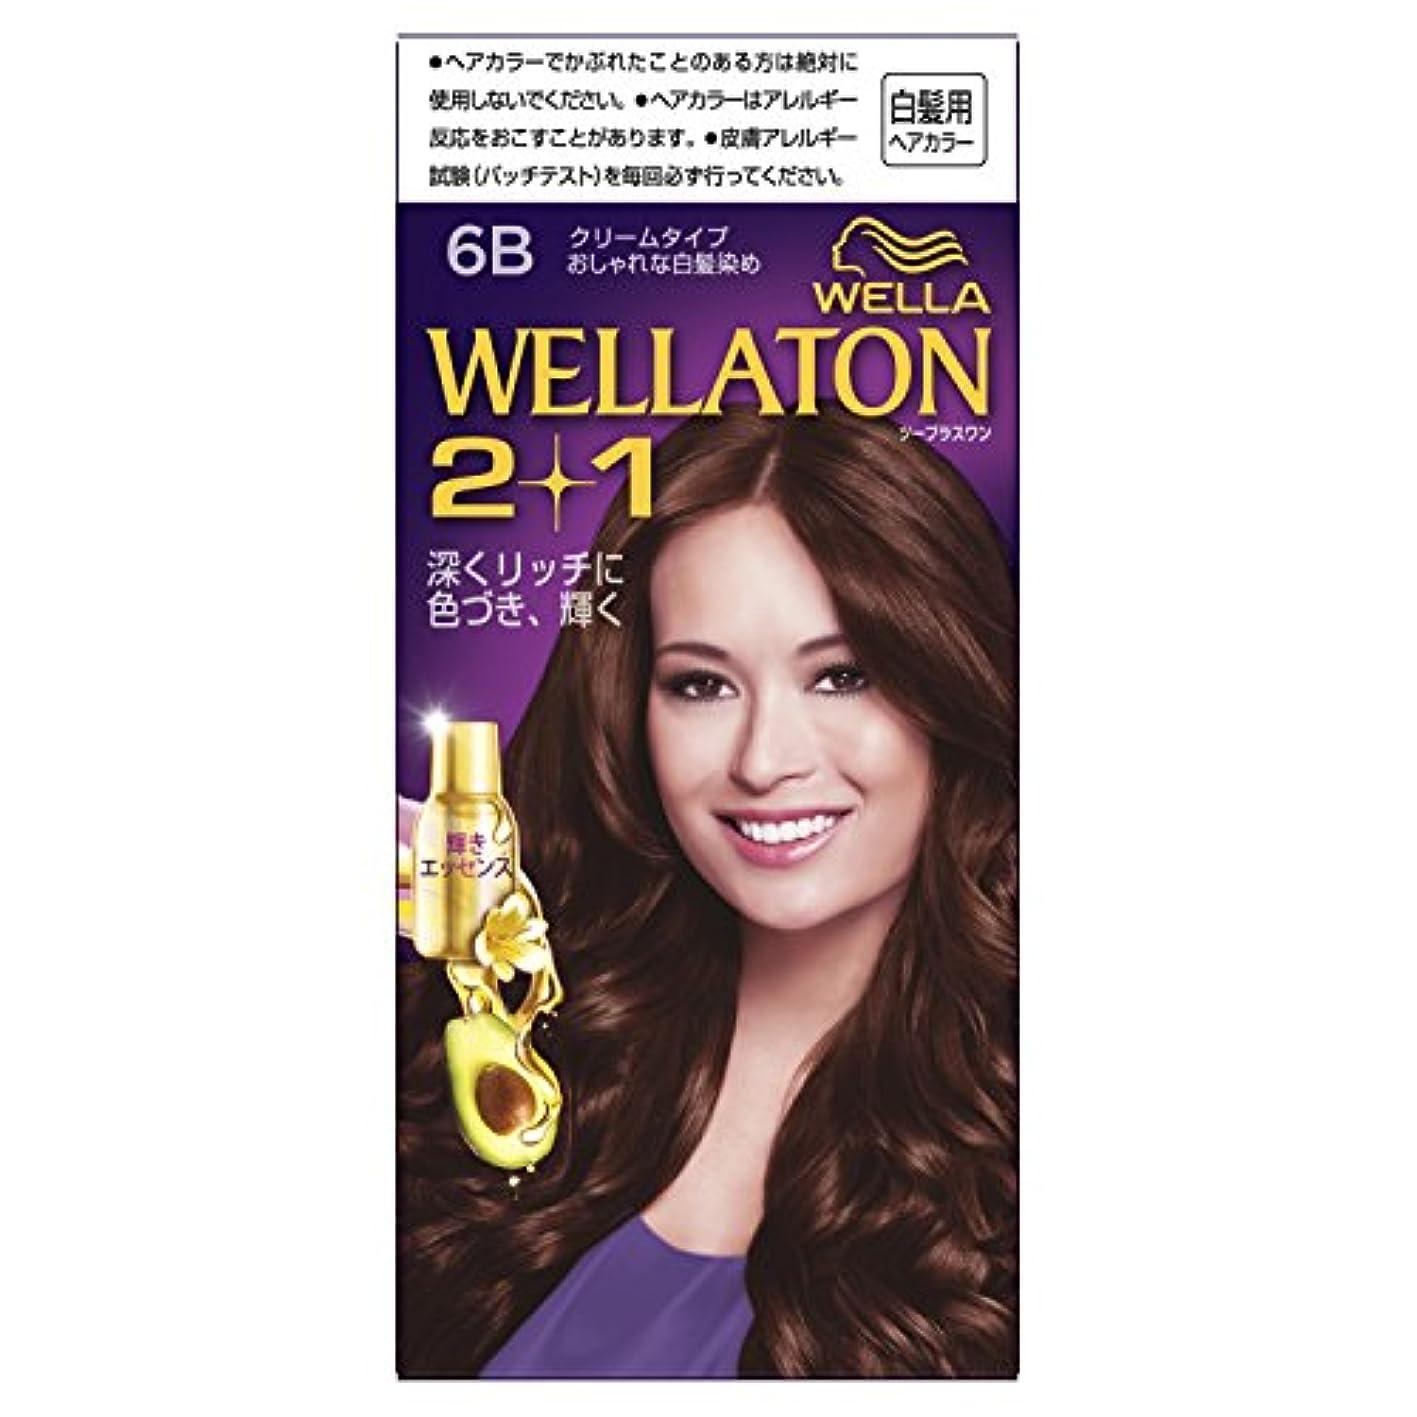 利用可能手つかずのやりがいのあるウエラトーン2+1 クリームタイプ 6B [医薬部外品](おしゃれな白髪染め)